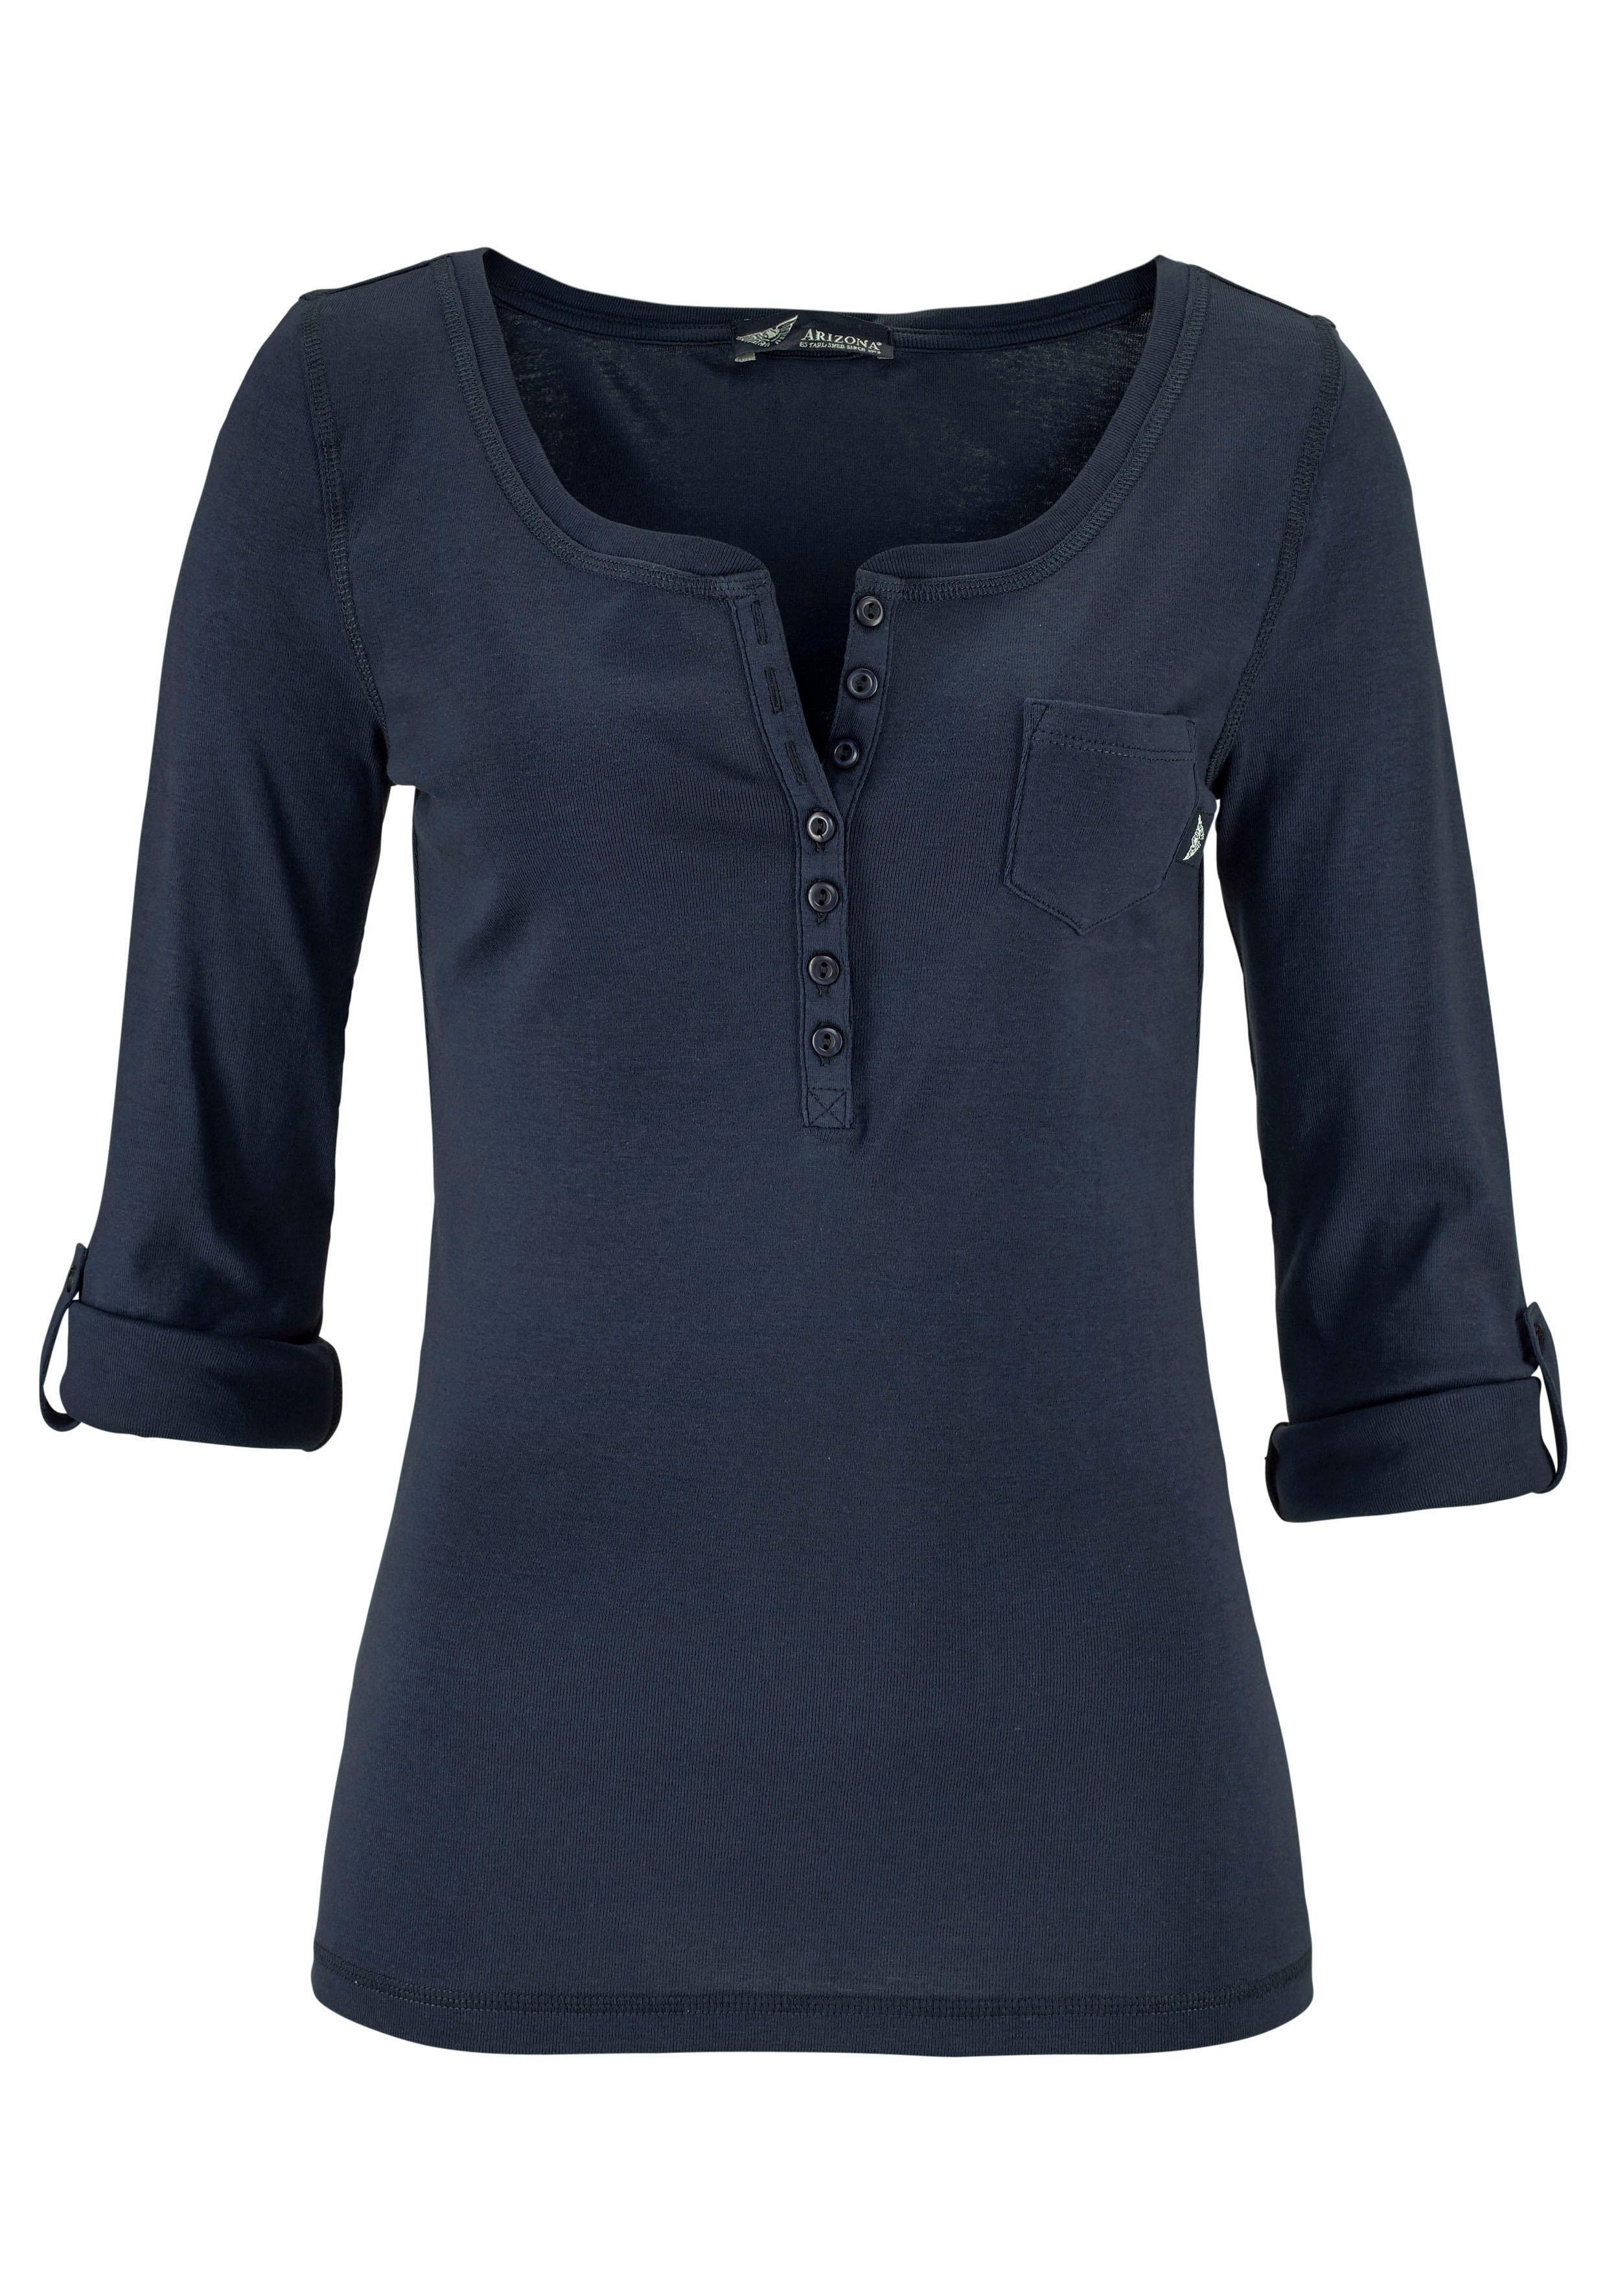 244b0361cc2248 ARIZONA Shirt met lange mouwen en knoopsluiting nu online kopen | OTTO